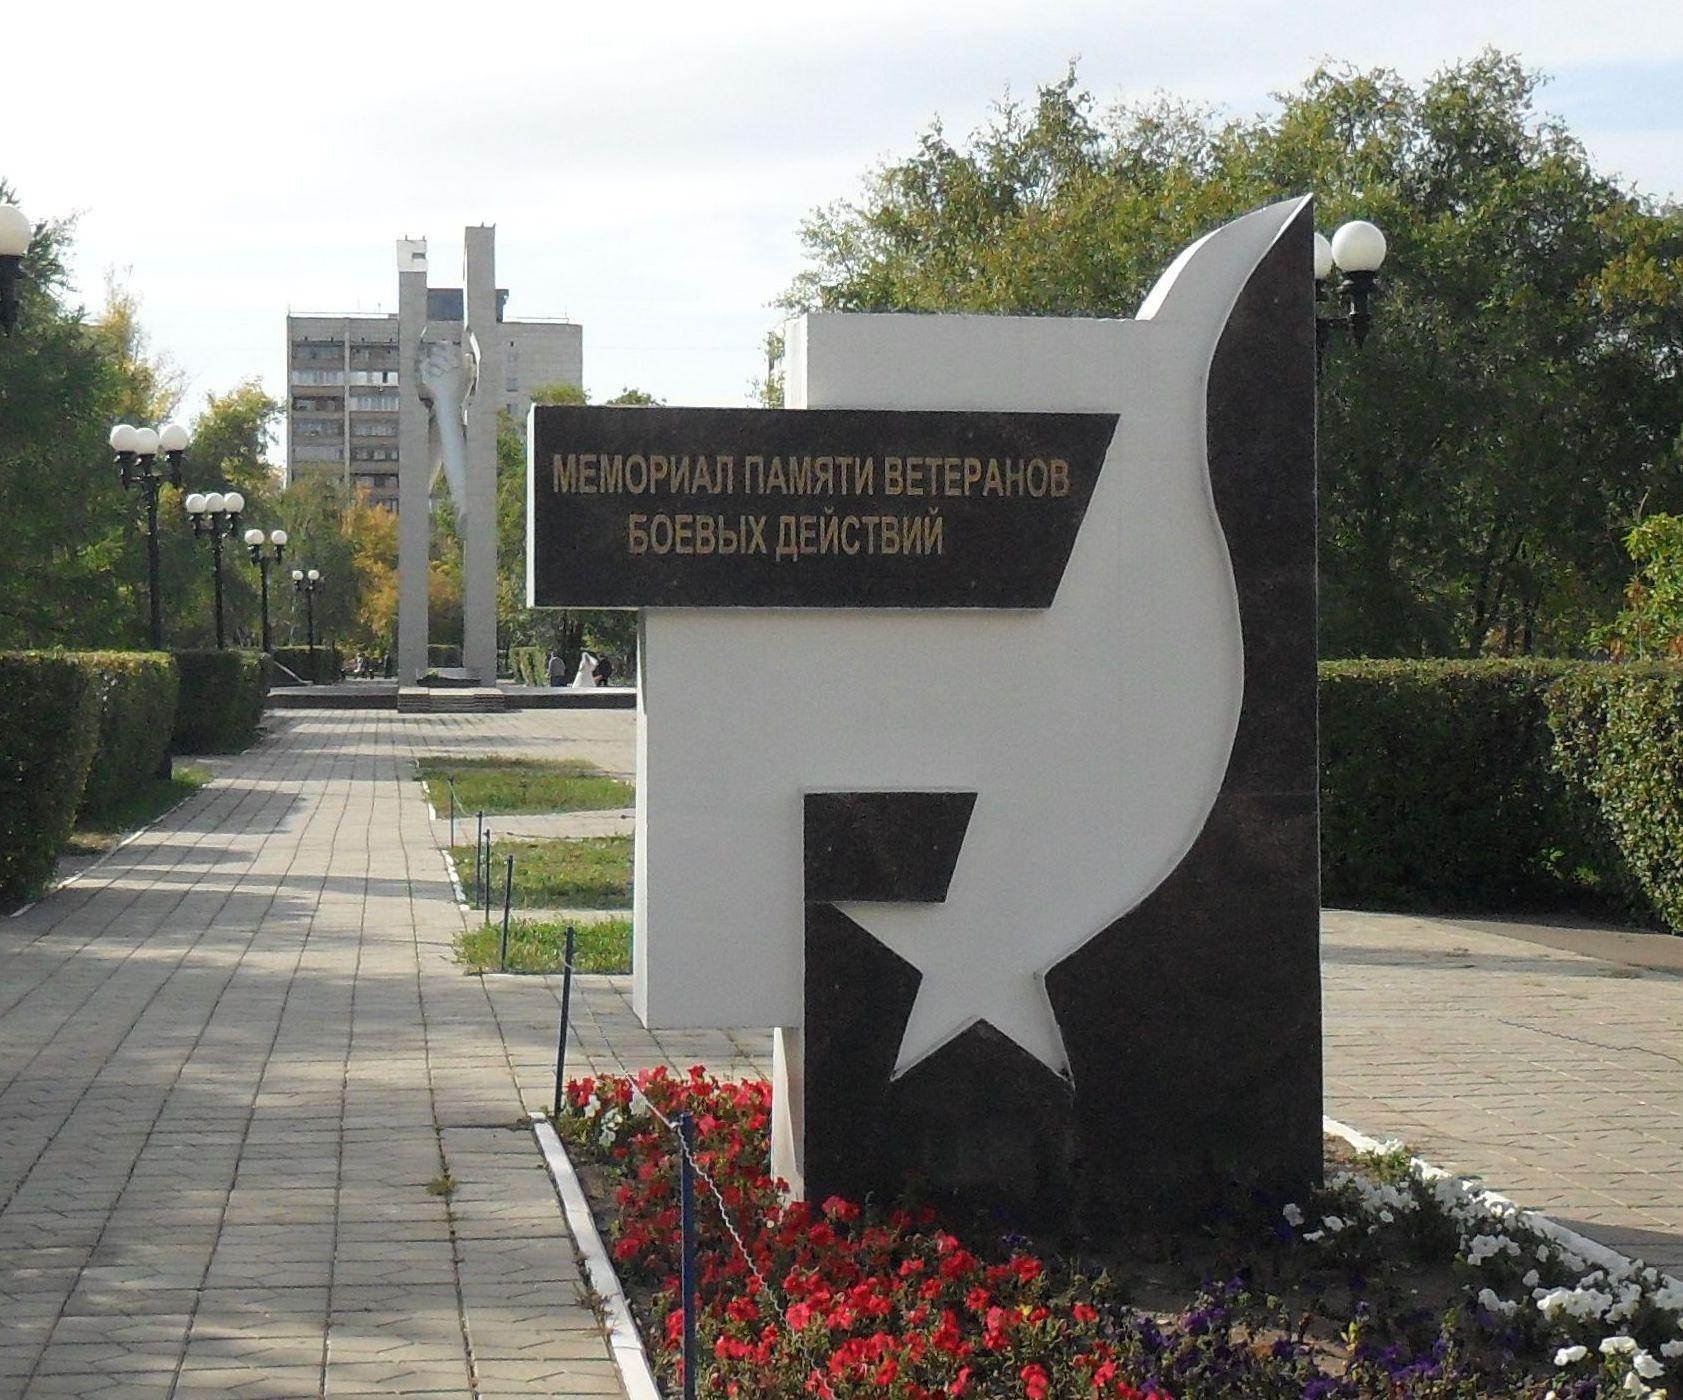 Мемориал памяти ветеранов боевых действий